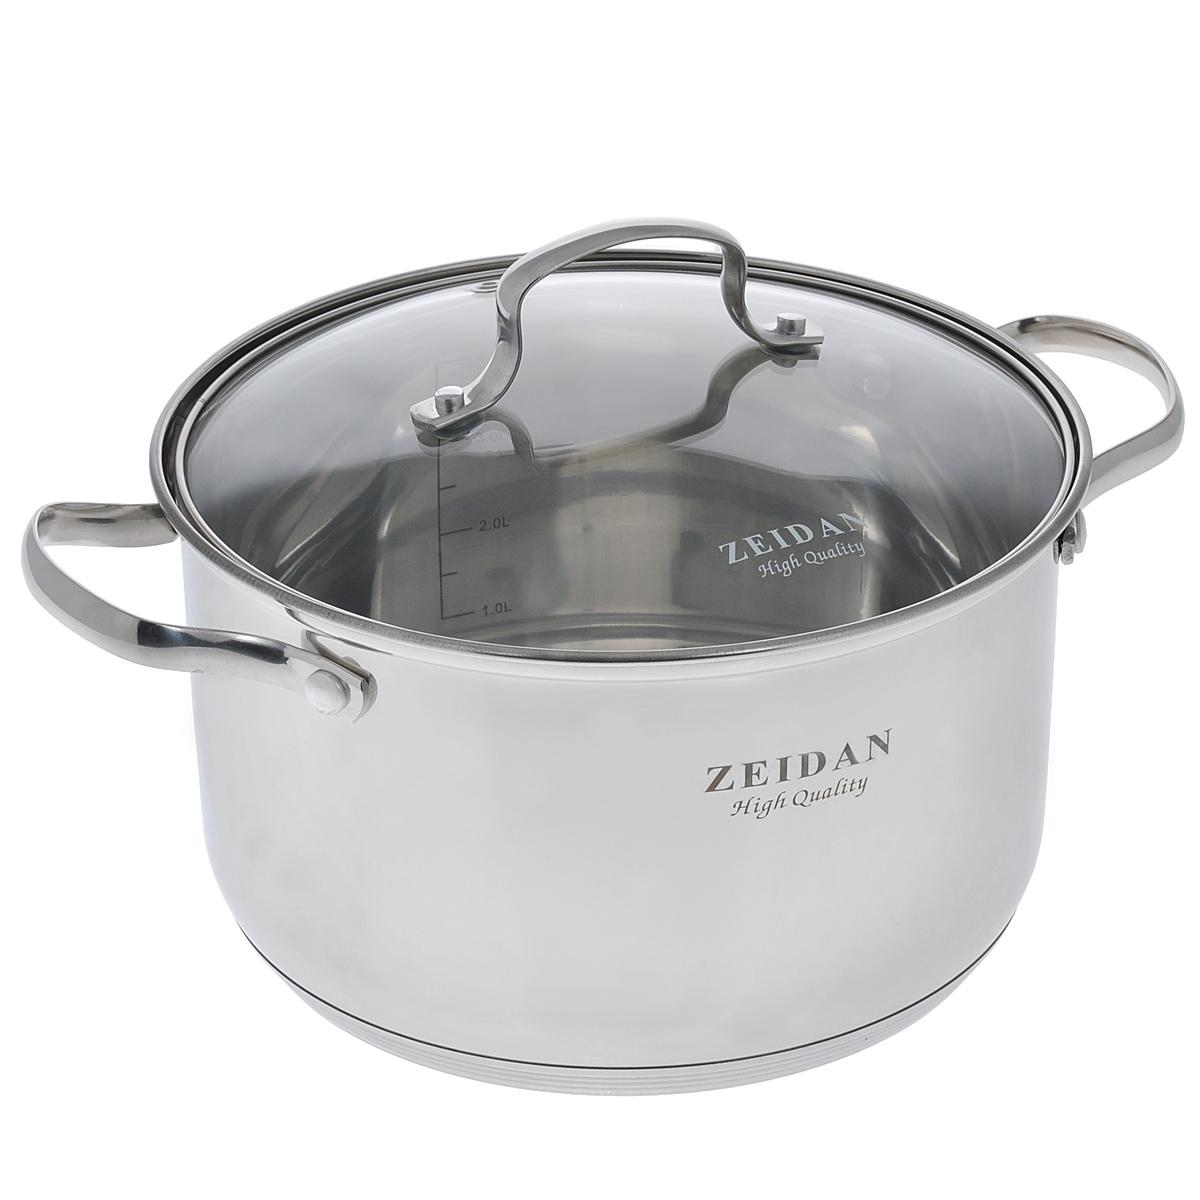 Кастрюля Zeidan с крышкой, 5,1 л. Z-50245Z-50245Кастрюля Zeidan изготовлена из высококачественной нержавеющей стали. Зеркальная полировка внутри и снаружи придает посуде безупречный внешний вид, увеличивает срок службы и облегчает мытье. Нержавеющая сталь отличается высокой экологической чистотой и долговечностью, устойчива к воздействию пищевых кислот, не образует соединений с компонентами пищи. Пятислойное капсулированное дно подходит для всех видов плит, отлично аккумулирует тепло и равномерно распределяет его по поверхности во время приготовления пищи. Эргономичные прочные ручки выполнены из хромоникелевой стали, способ крепления - на заклепках. Жаропрочная стеклянная крышка плотно прилегает к краям посуды, сохраняя аромат и вкус блюд, при этом можно наблюдать за готовностью пищи без потери тепла. Внутри имеются отметки литража. Кастрюля подходит для всех типов плит, включая индукционные. Можно мыть в посудомоечной машине. Диаметр кастрюли (по верхнему краю): 22 см. Высота стенки:...